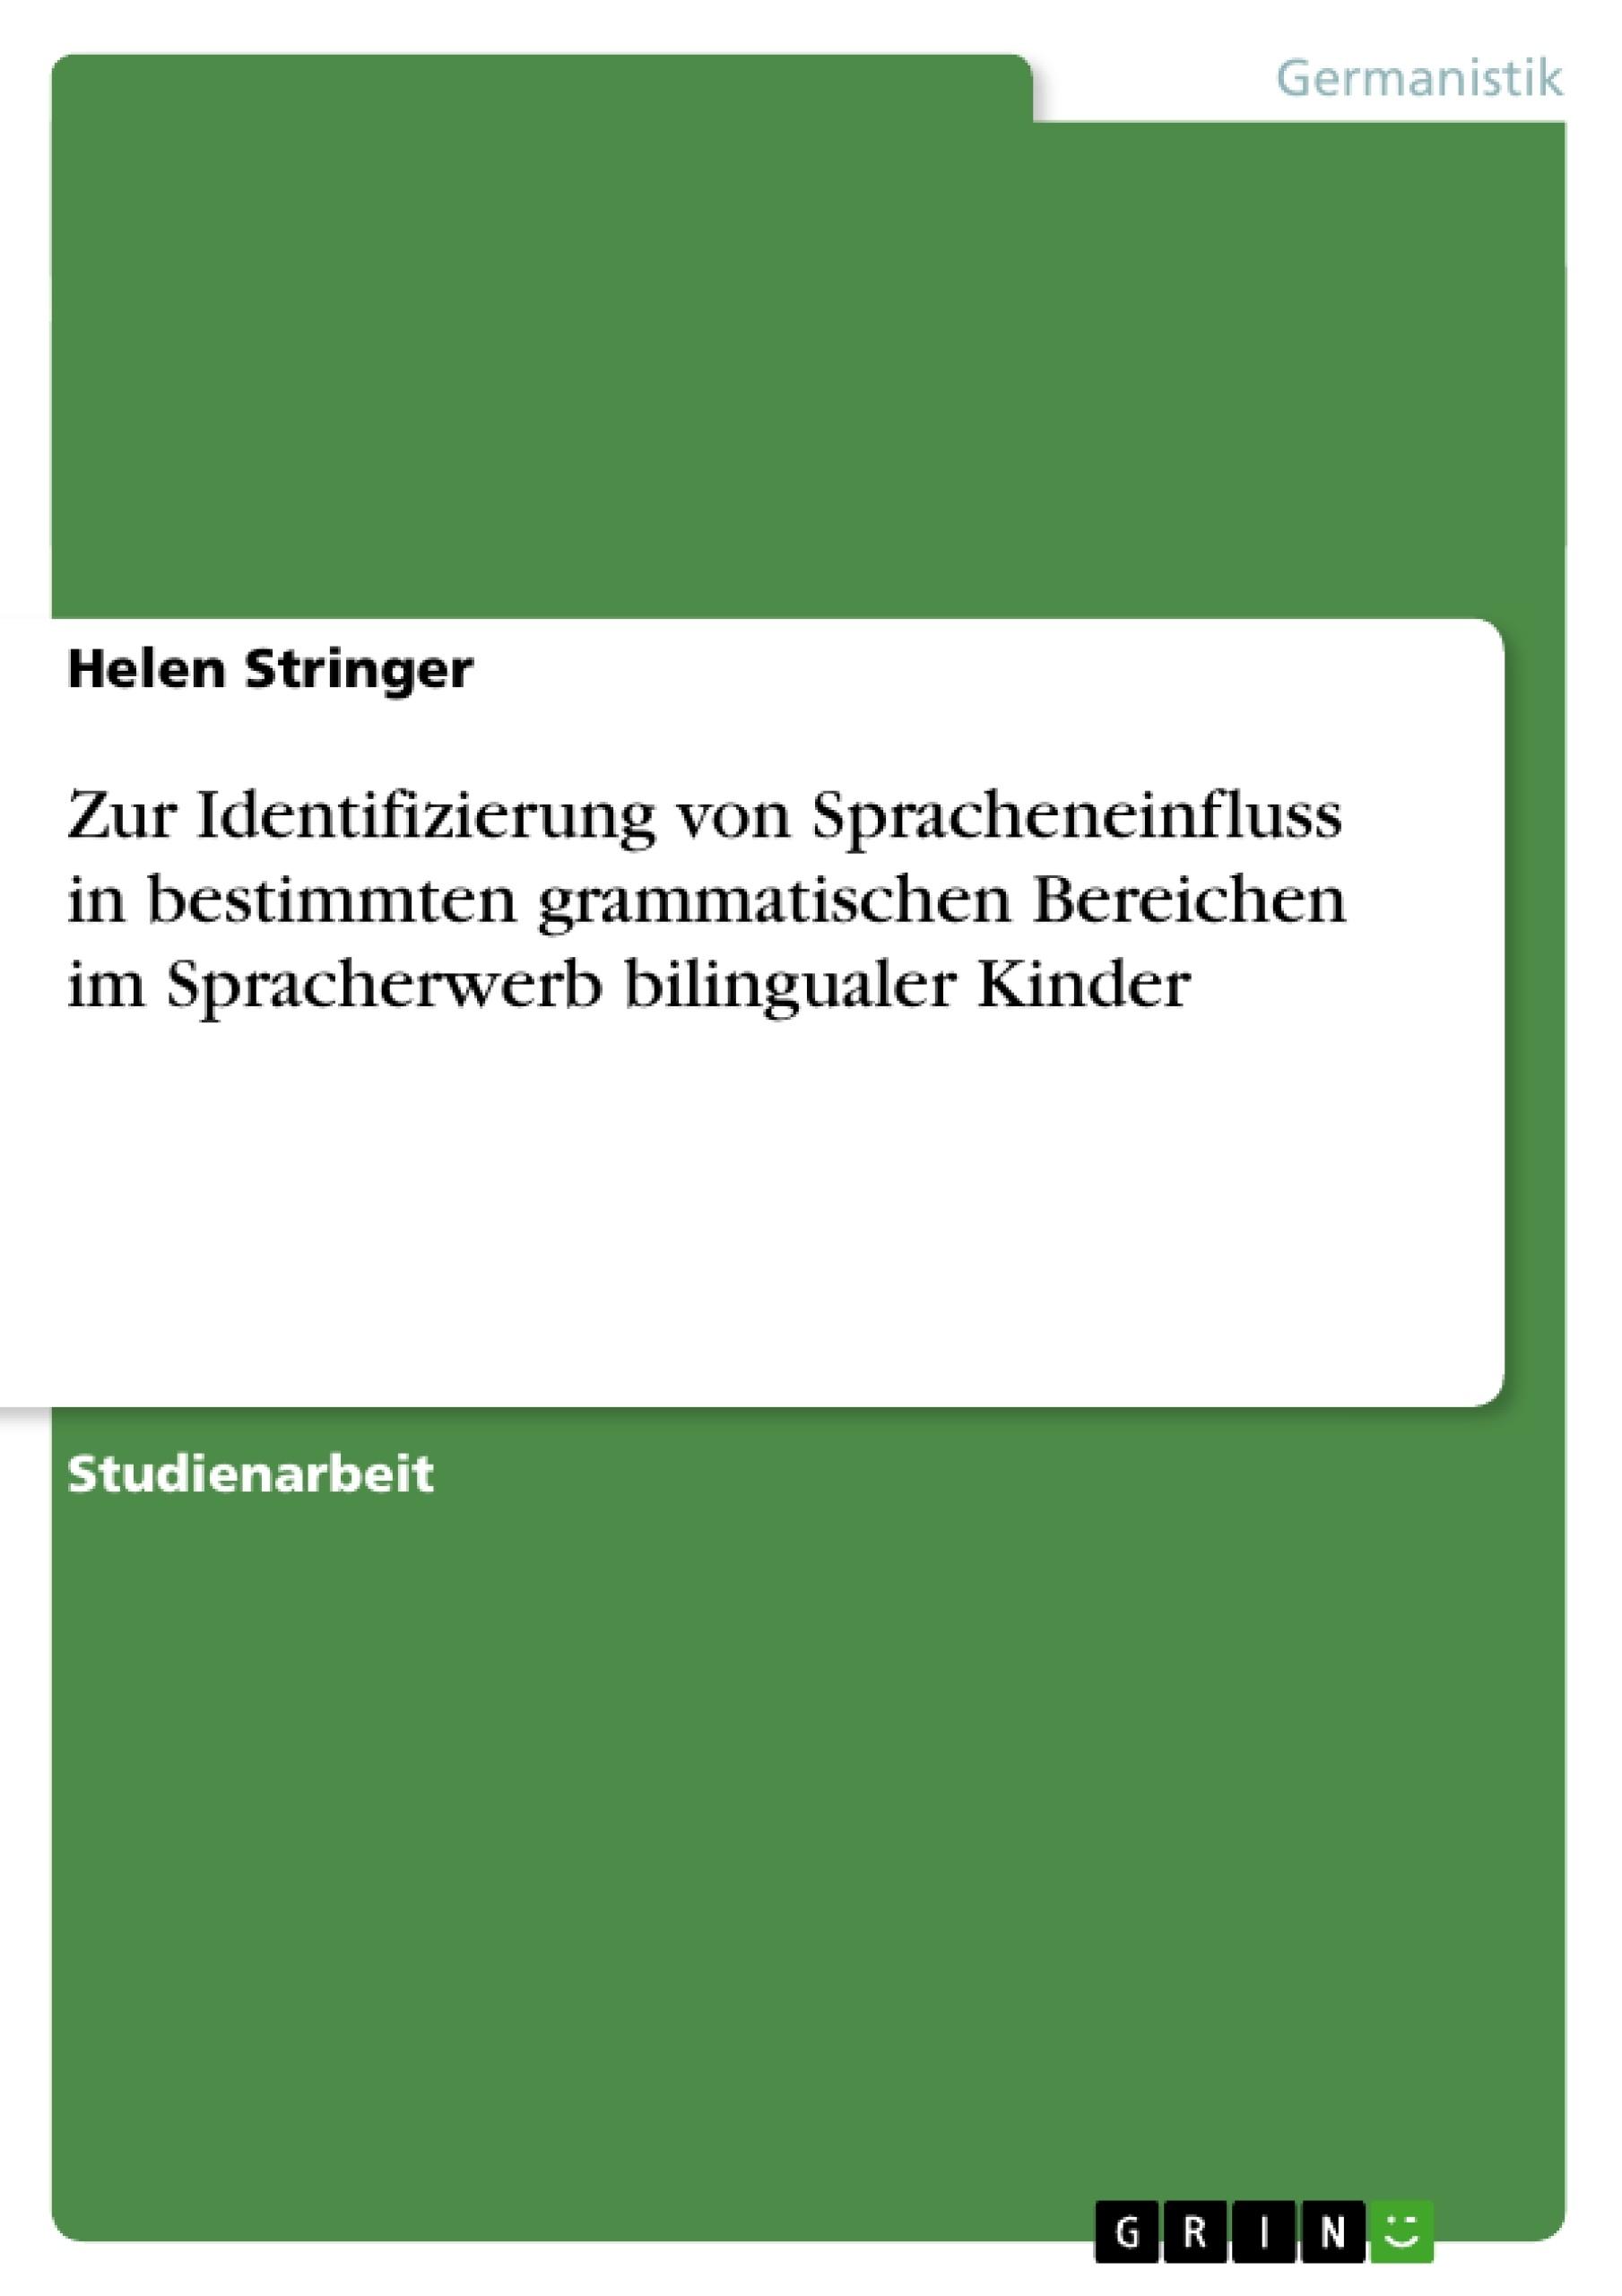 Titel: Zur Identifizierung von Spracheneinfluss in bestimmten grammatischen Bereichen im Spracherwerb bilingualer Kinder